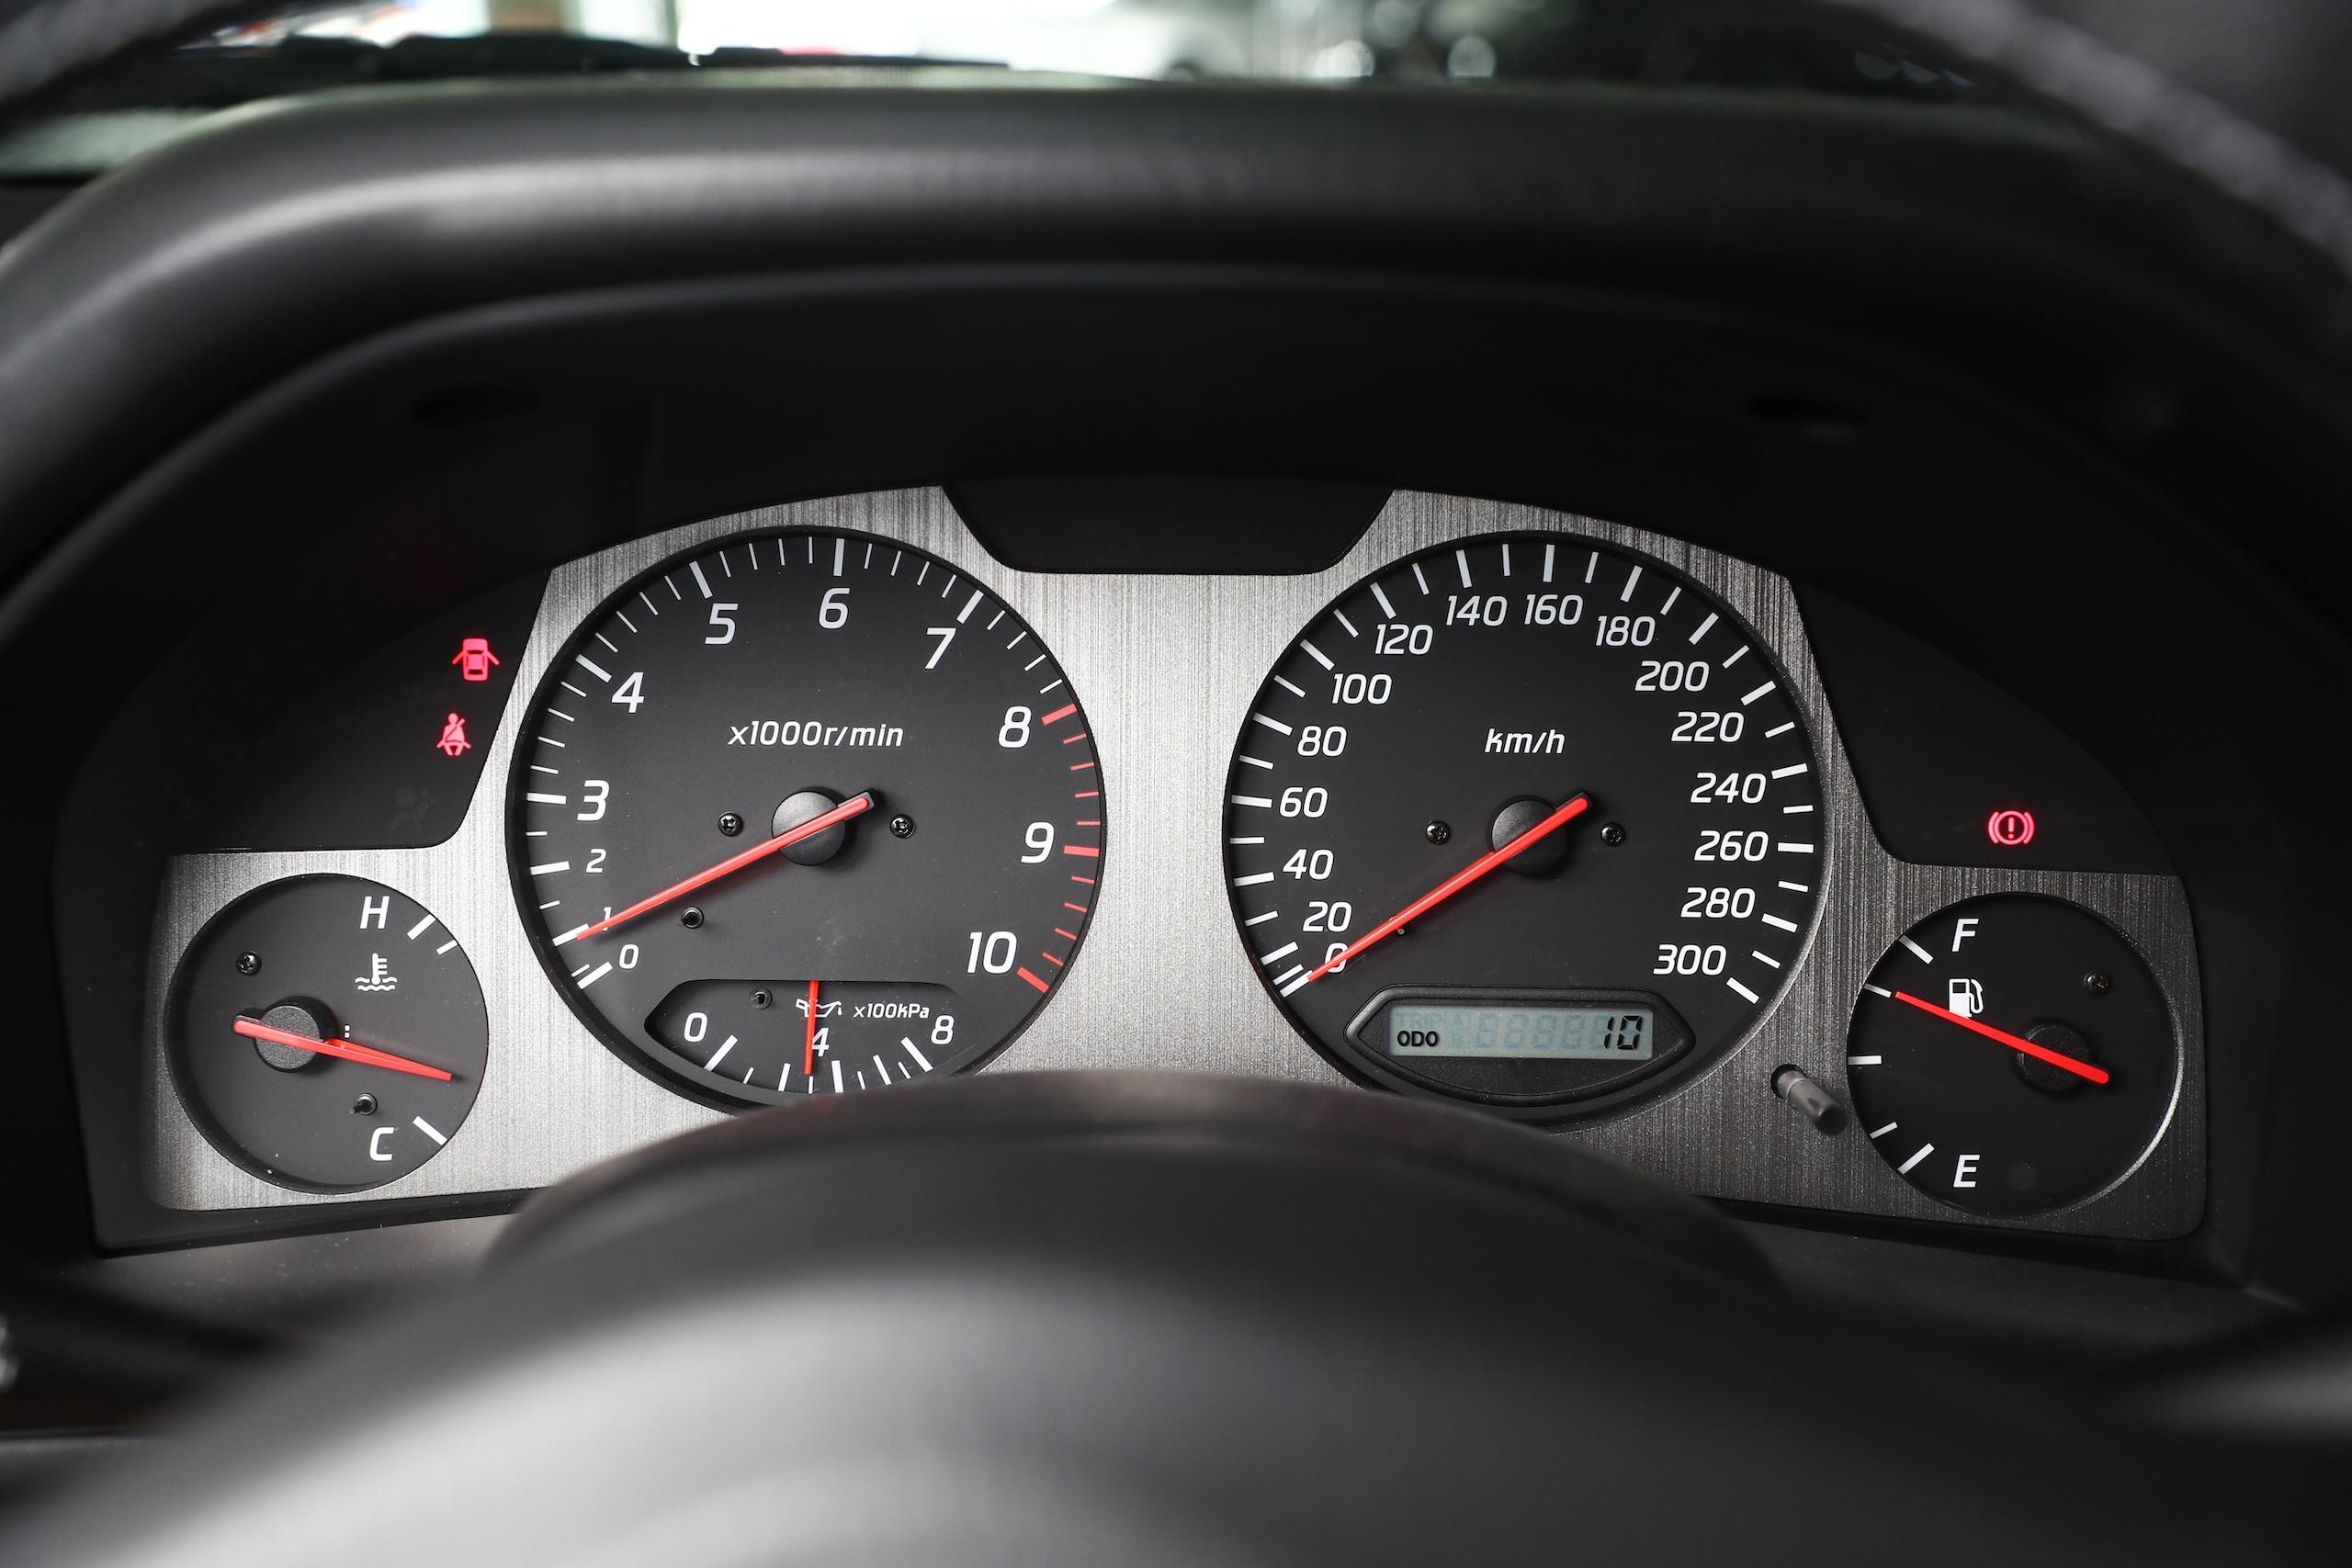 2002 Nissan Skyline GT-R interior dash gauges